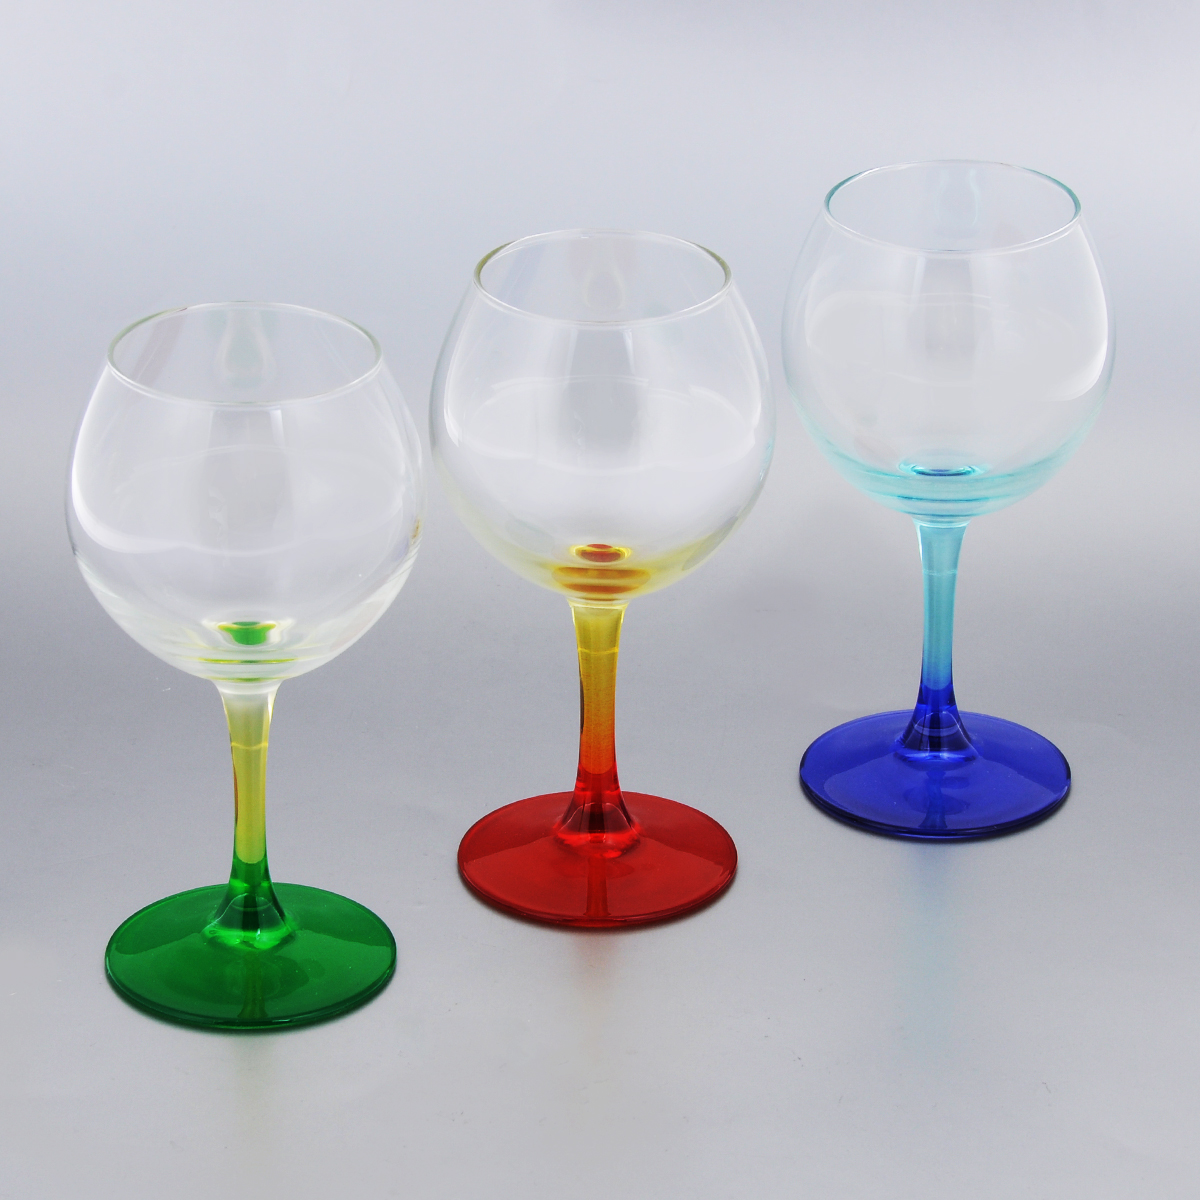 Набор фужеров для вина Luminarc Duos, 280 мл, 3 штH8362Набор Luminarc Duos состоит из трех классических фужеров, выполненных из прочного стекла. Изделия оснащены высокими цветными ножками и предназначены для подачи вина. Они сочетают в себе элегантный дизайн и функциональность. Благодаря такому набору пить напитки будет еще вкуснее.Набор фужеров Luminarc Duos прекрасно оформит праздничный стол и создаст приятную атмосферу за романтическим ужином. Такой набор также станет хорошим подарком к любому случаю.Можно мыть в посудомоечной машине.Диаметр фужера (по верхнему краю): 6 см. Высота фужера: 16,3 см.